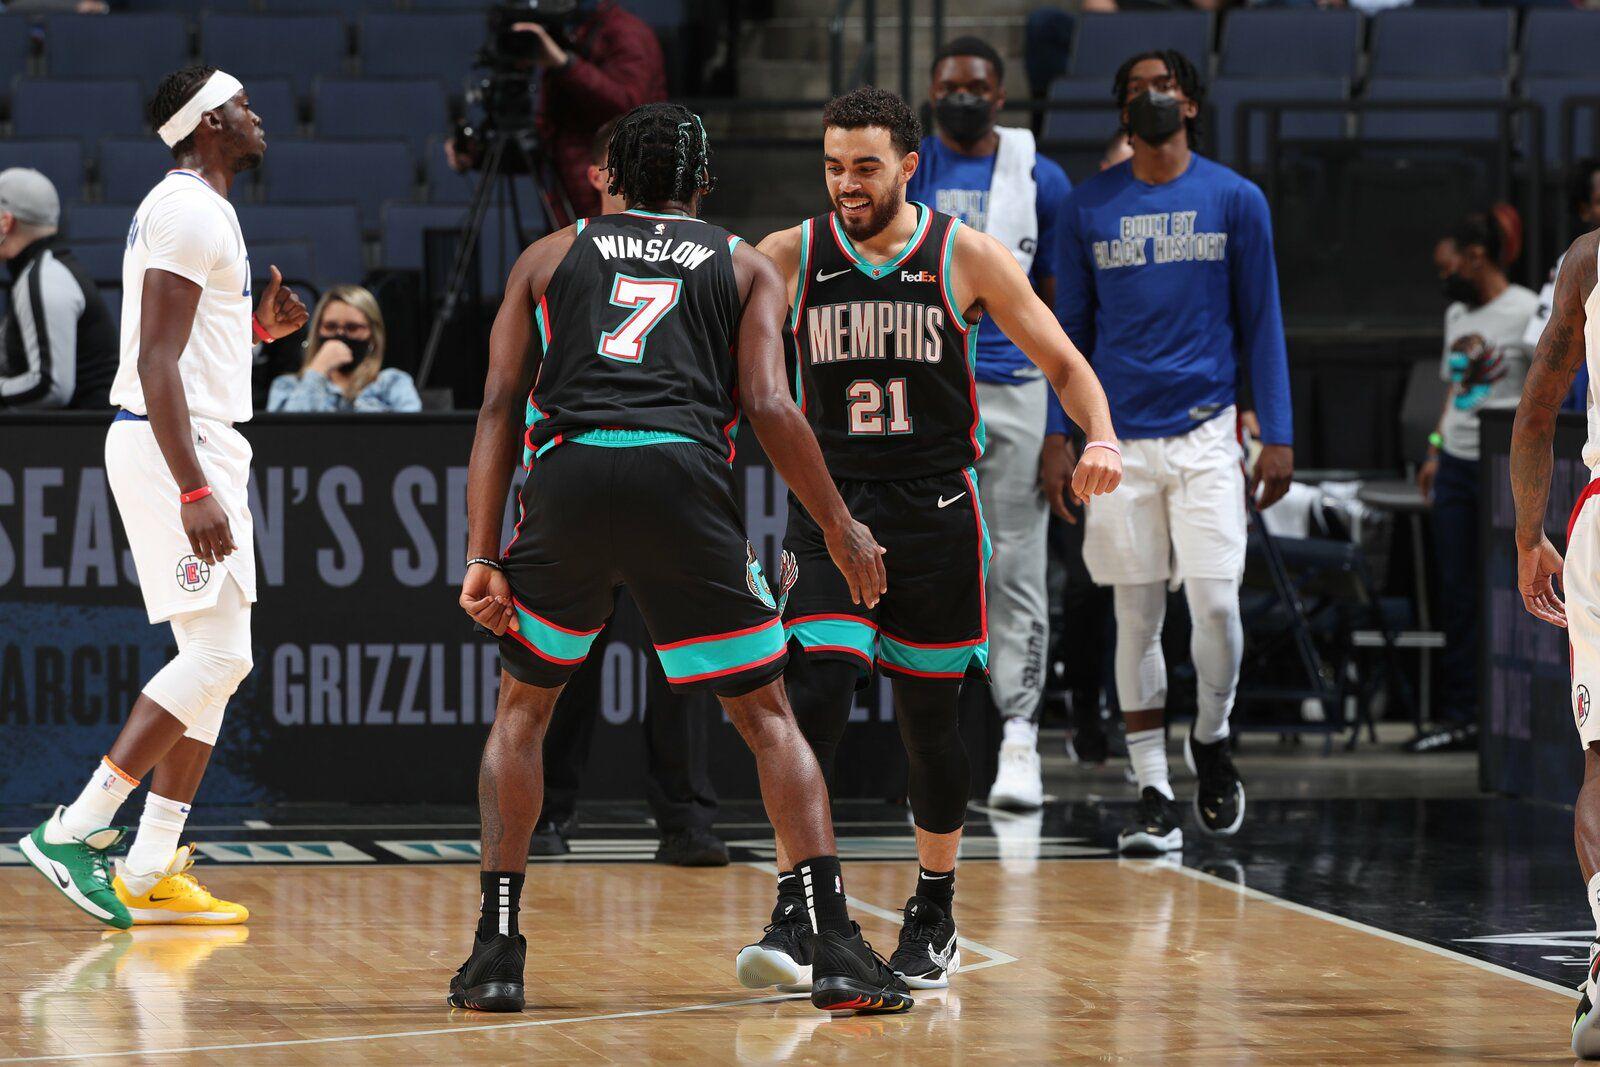 Les Clippers chutent sur le parquet des Memphis Grizzlies, Washington s'impose à Denver